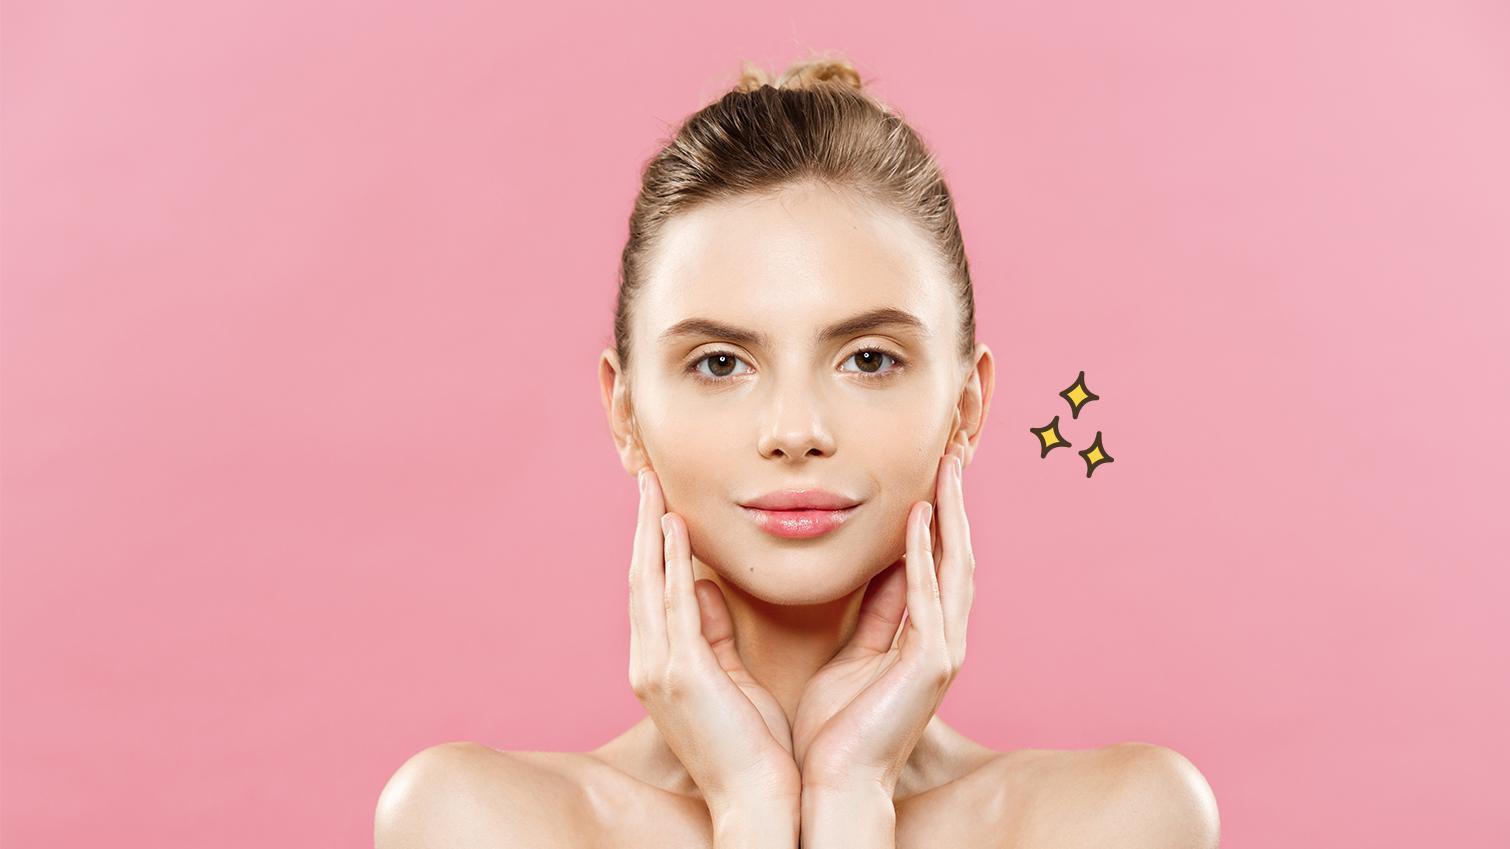 Hati Hati Ini 5 Bahan Skincare Yang Tidak Baik Untuk Kulit Sensitif